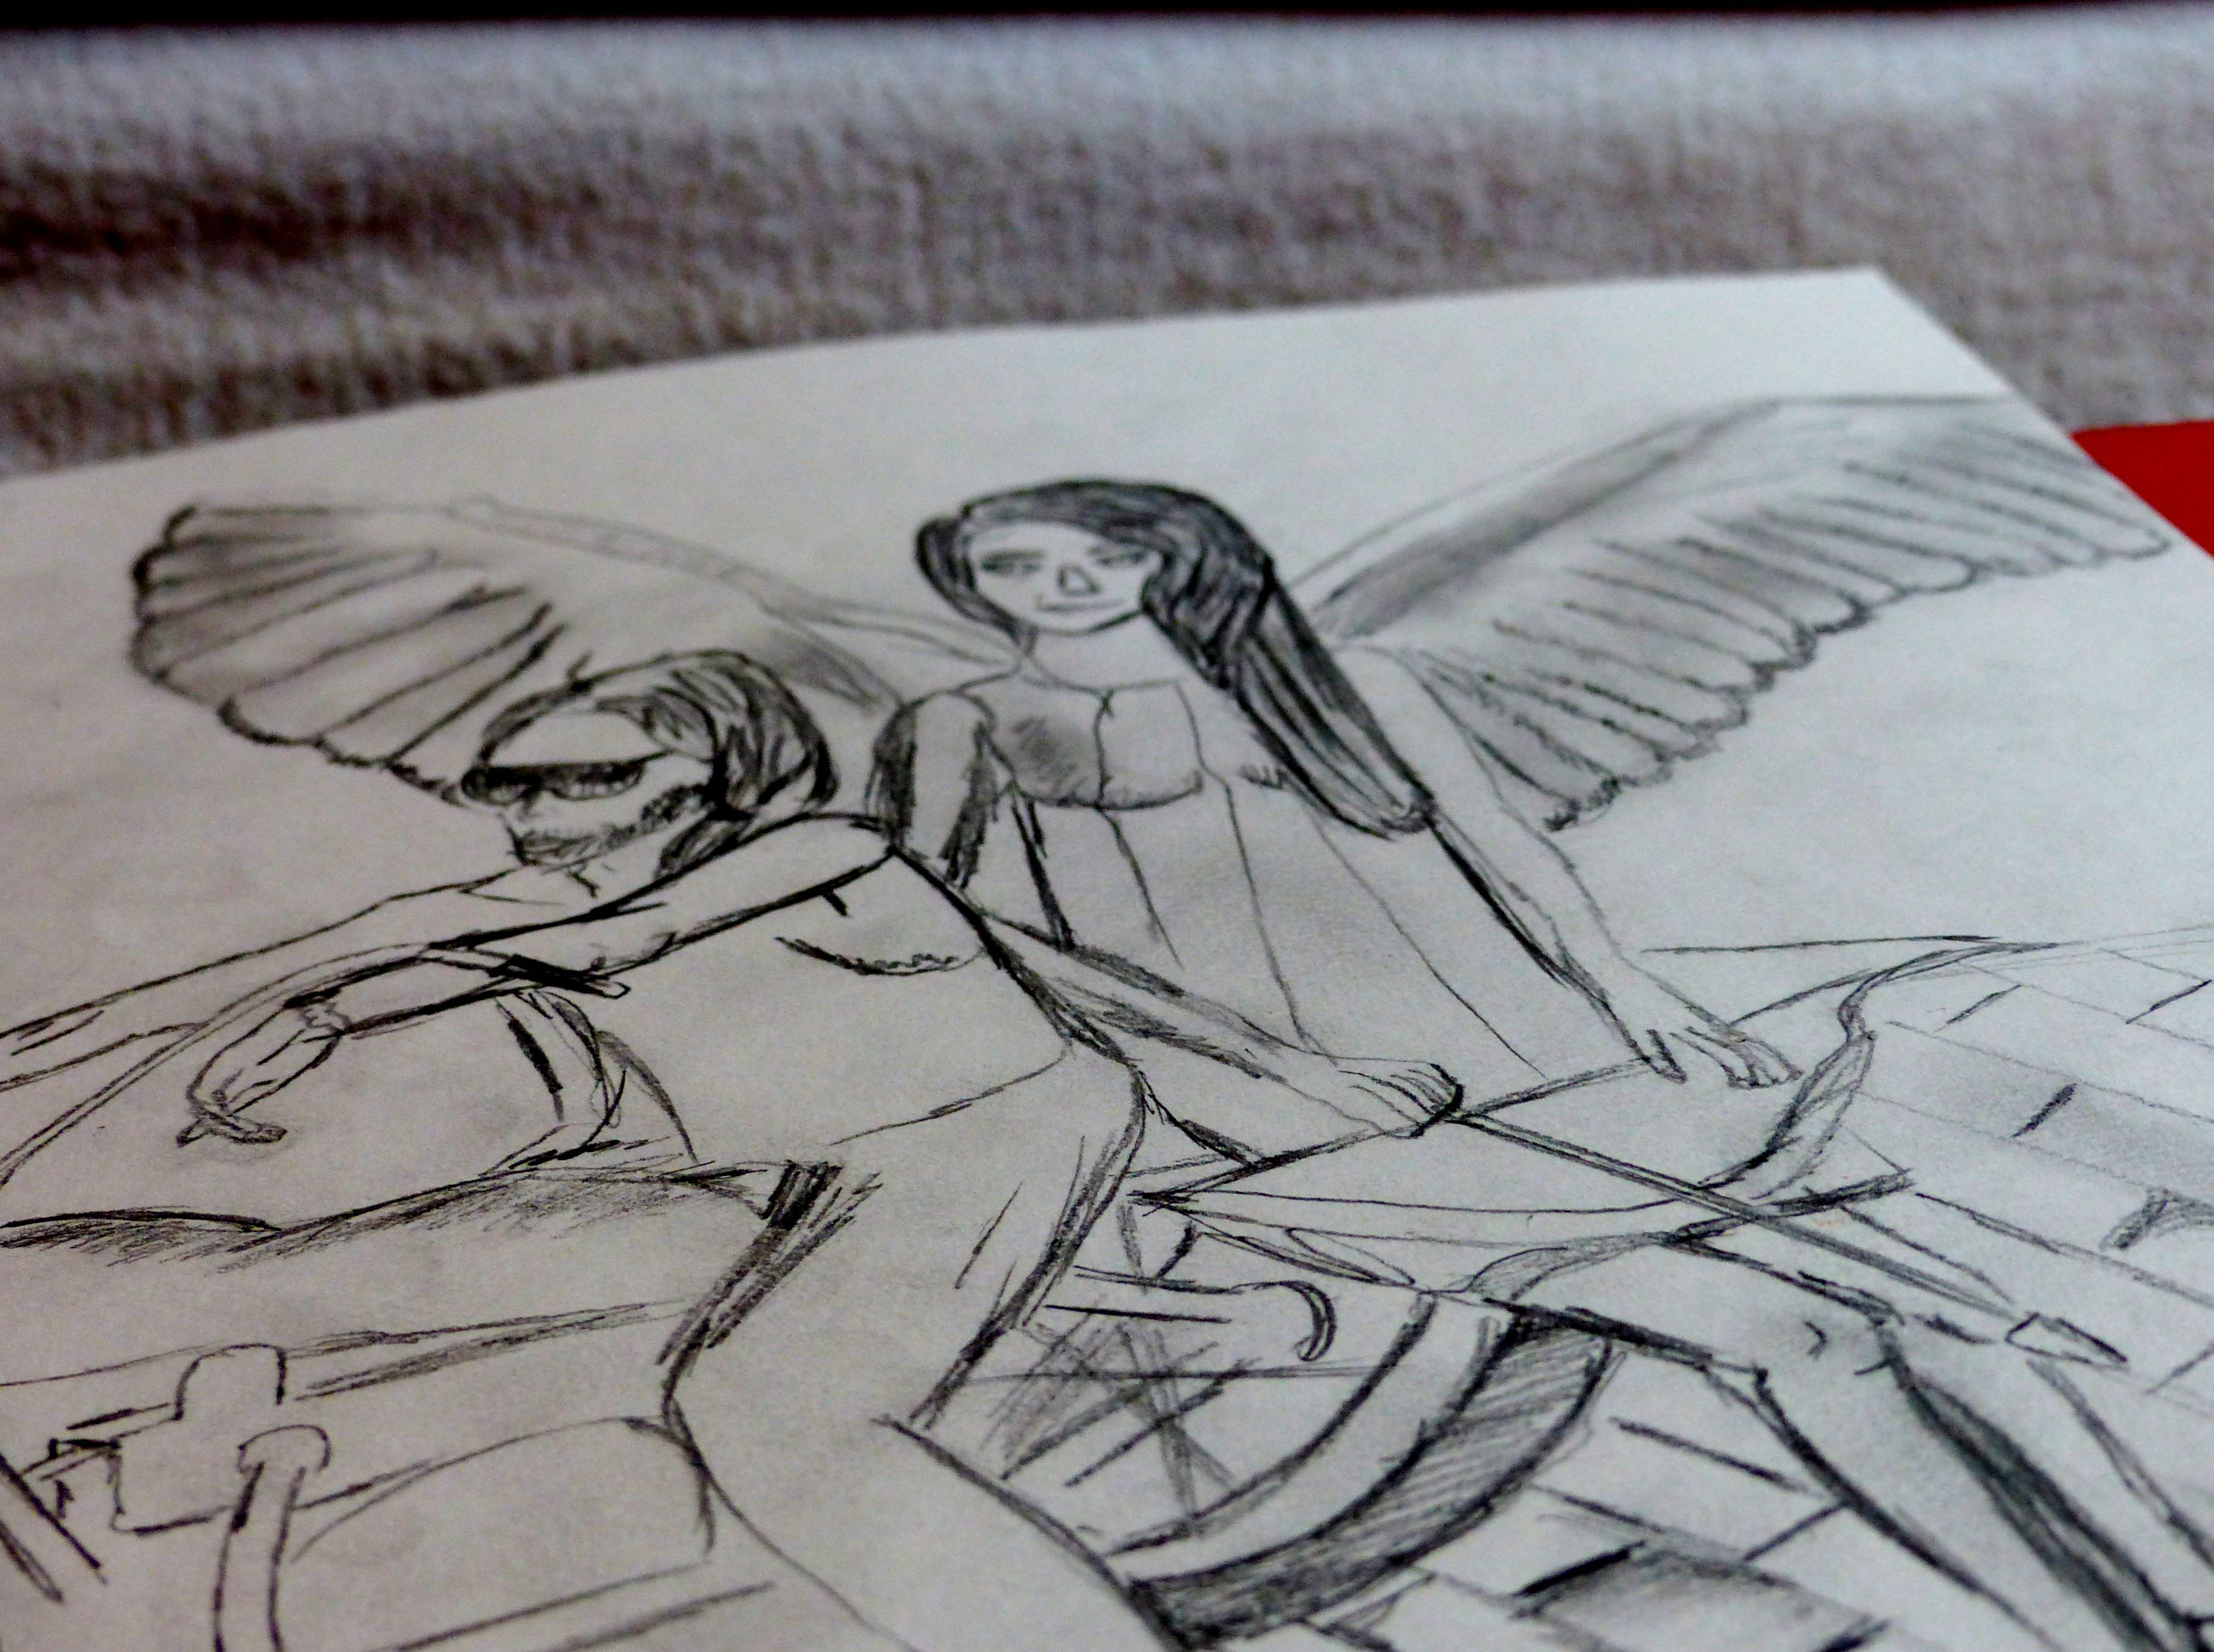 L'ange à tiré , l'amour est né .